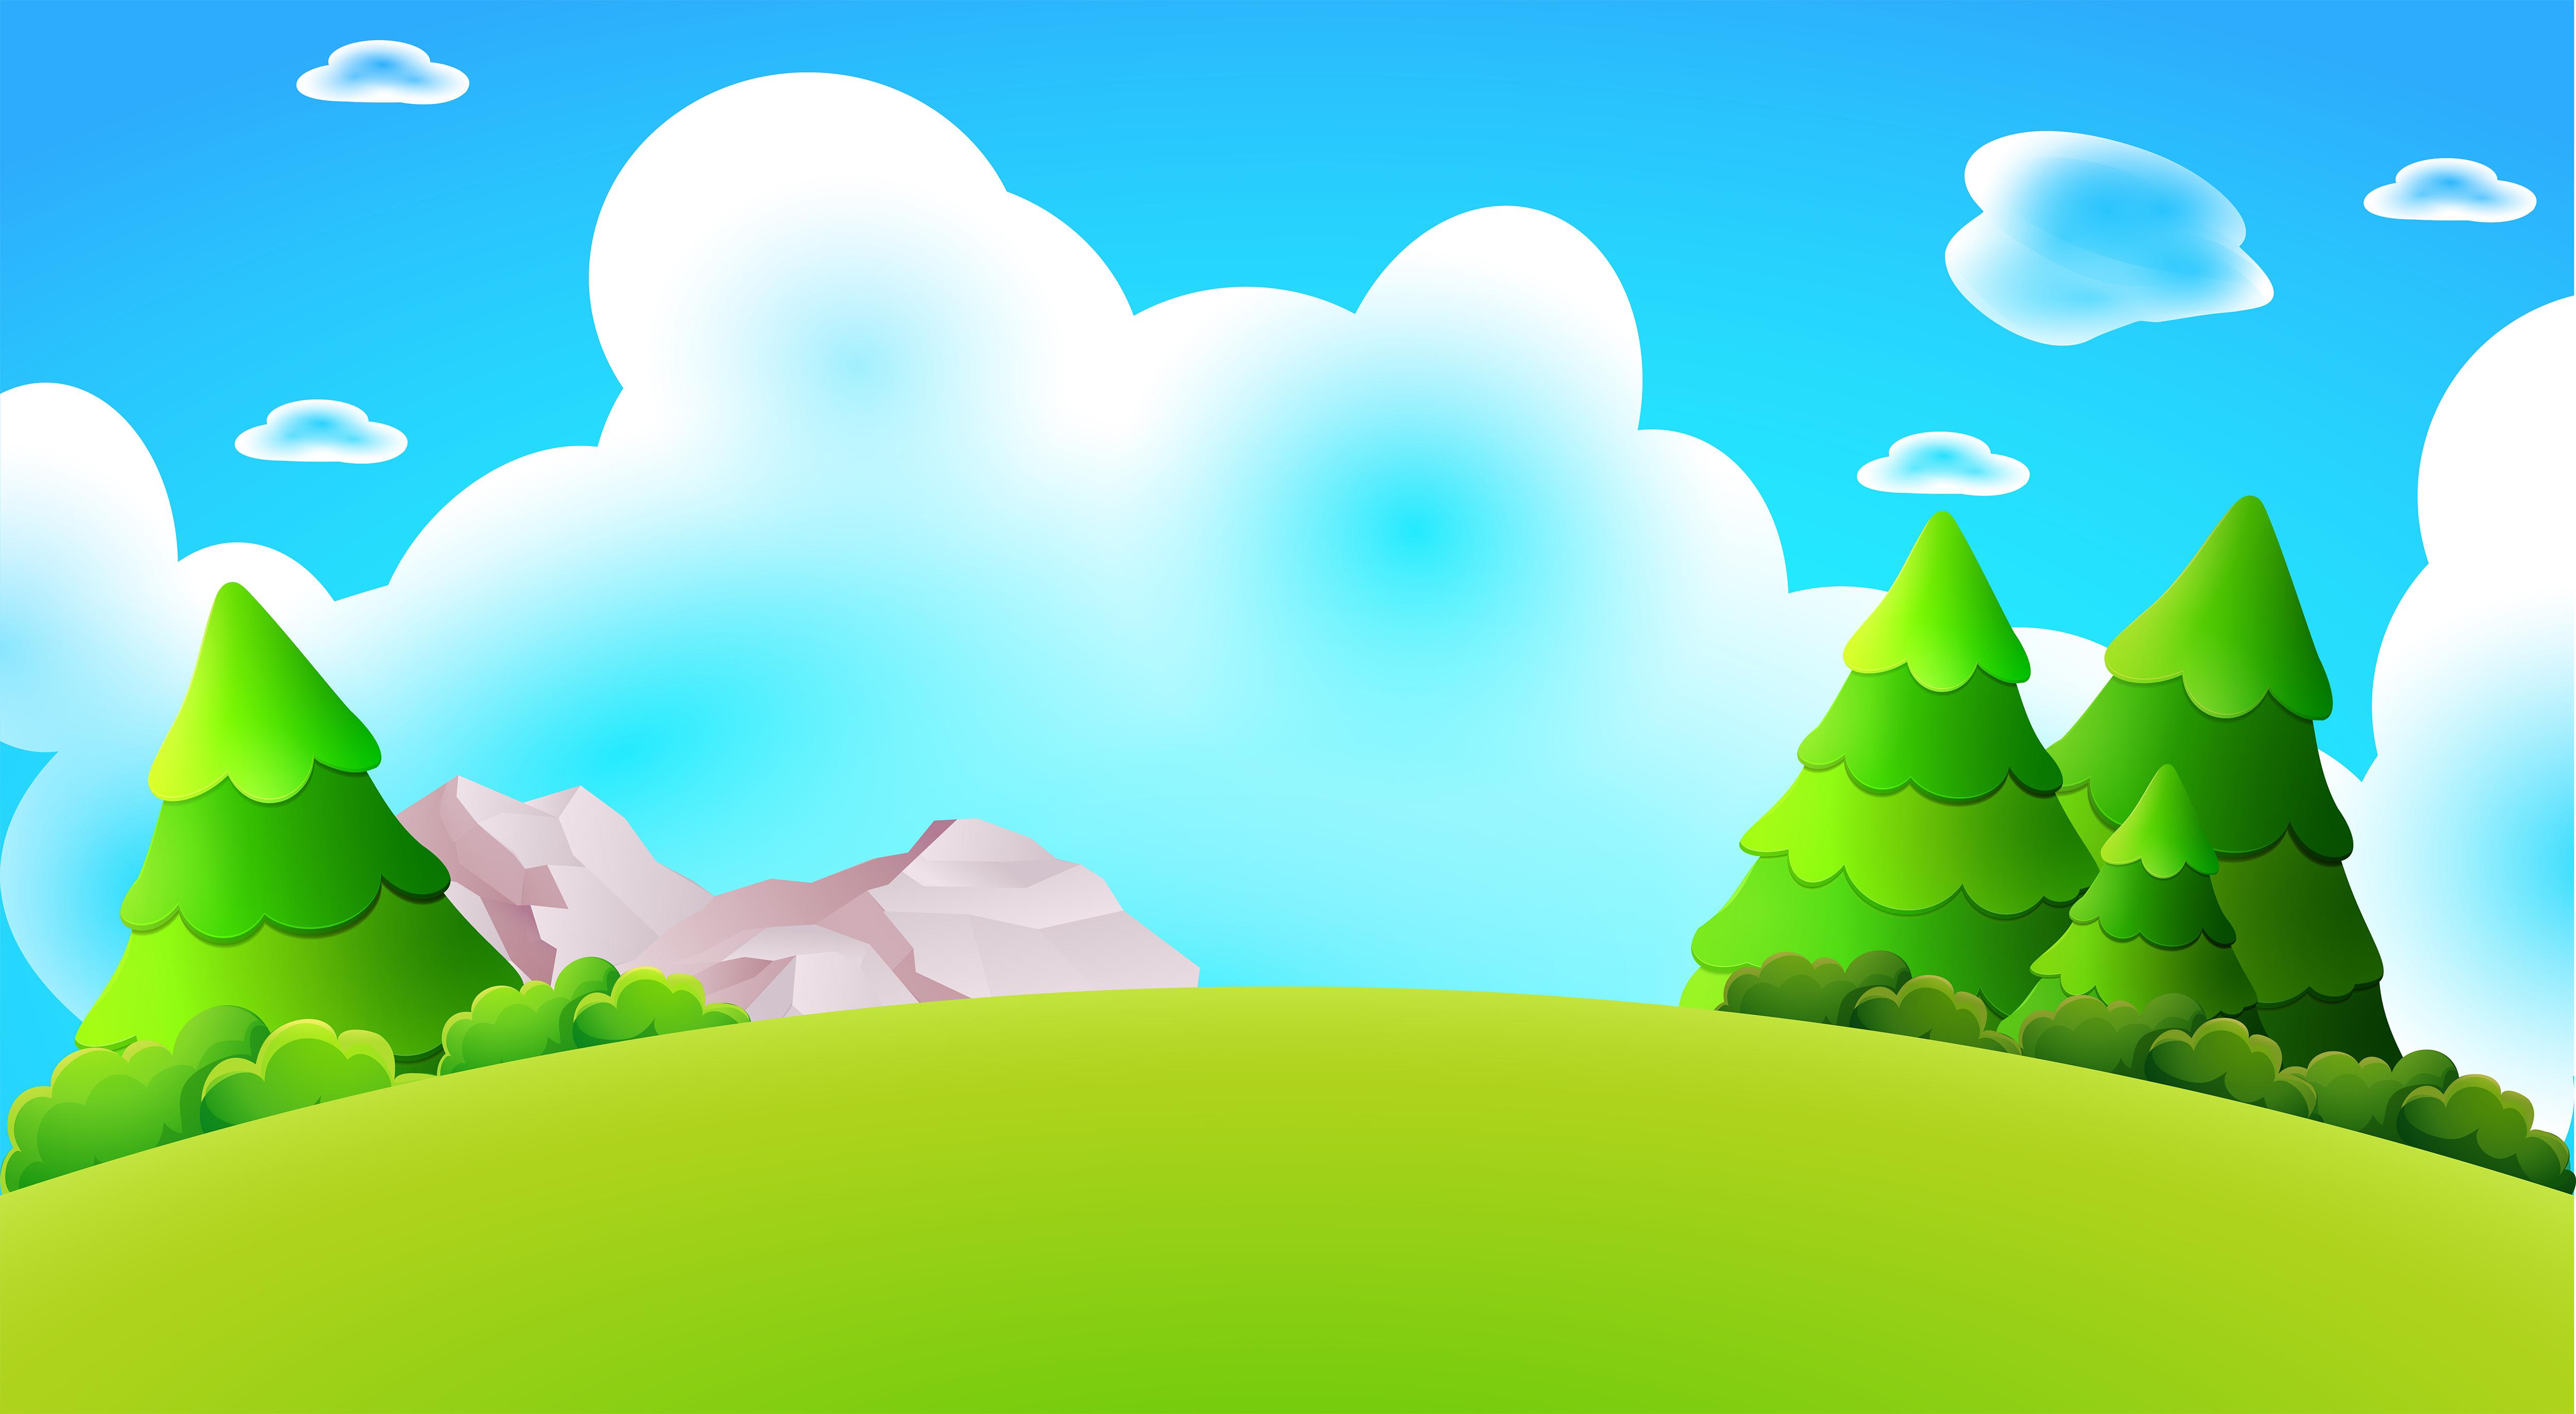 Desenhos Animados Floresta Colina Paisagem Vector Natureza Fundo